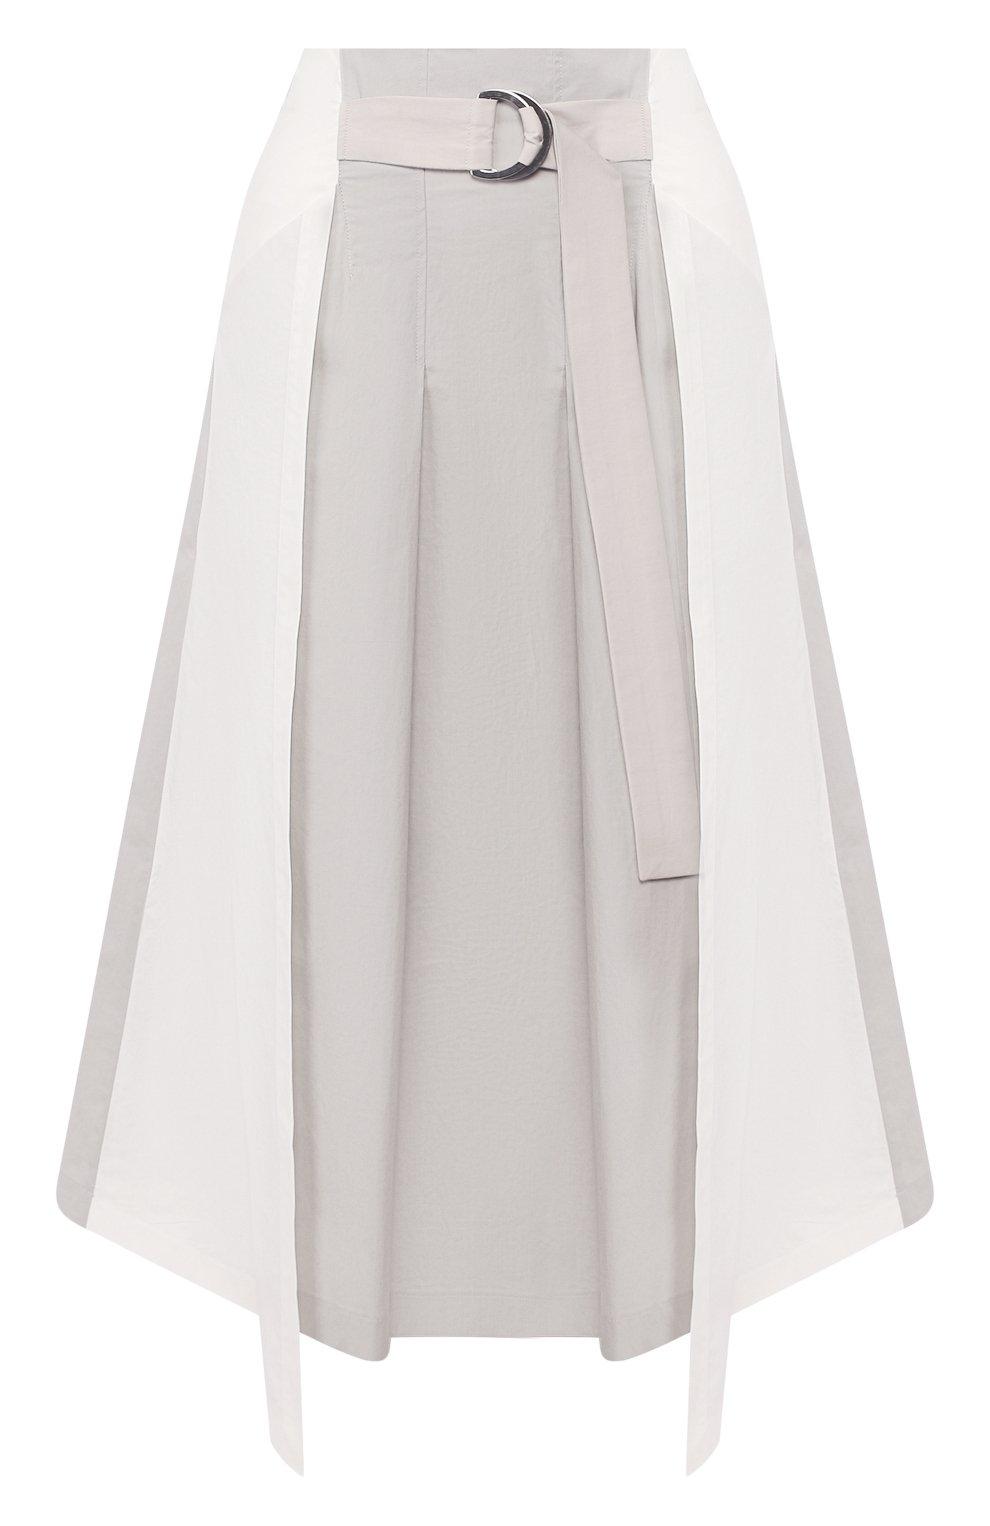 Женская хлопковая юбка LORENA ANTONIAZZI светло-серого цвета, арт. E2005G0016/3193 | Фото 1 (Женское Кросс-КТ: Юбка-одежда; Материал внешний: Хлопок; Длина Ж (юбки, платья, шорты): Миди)